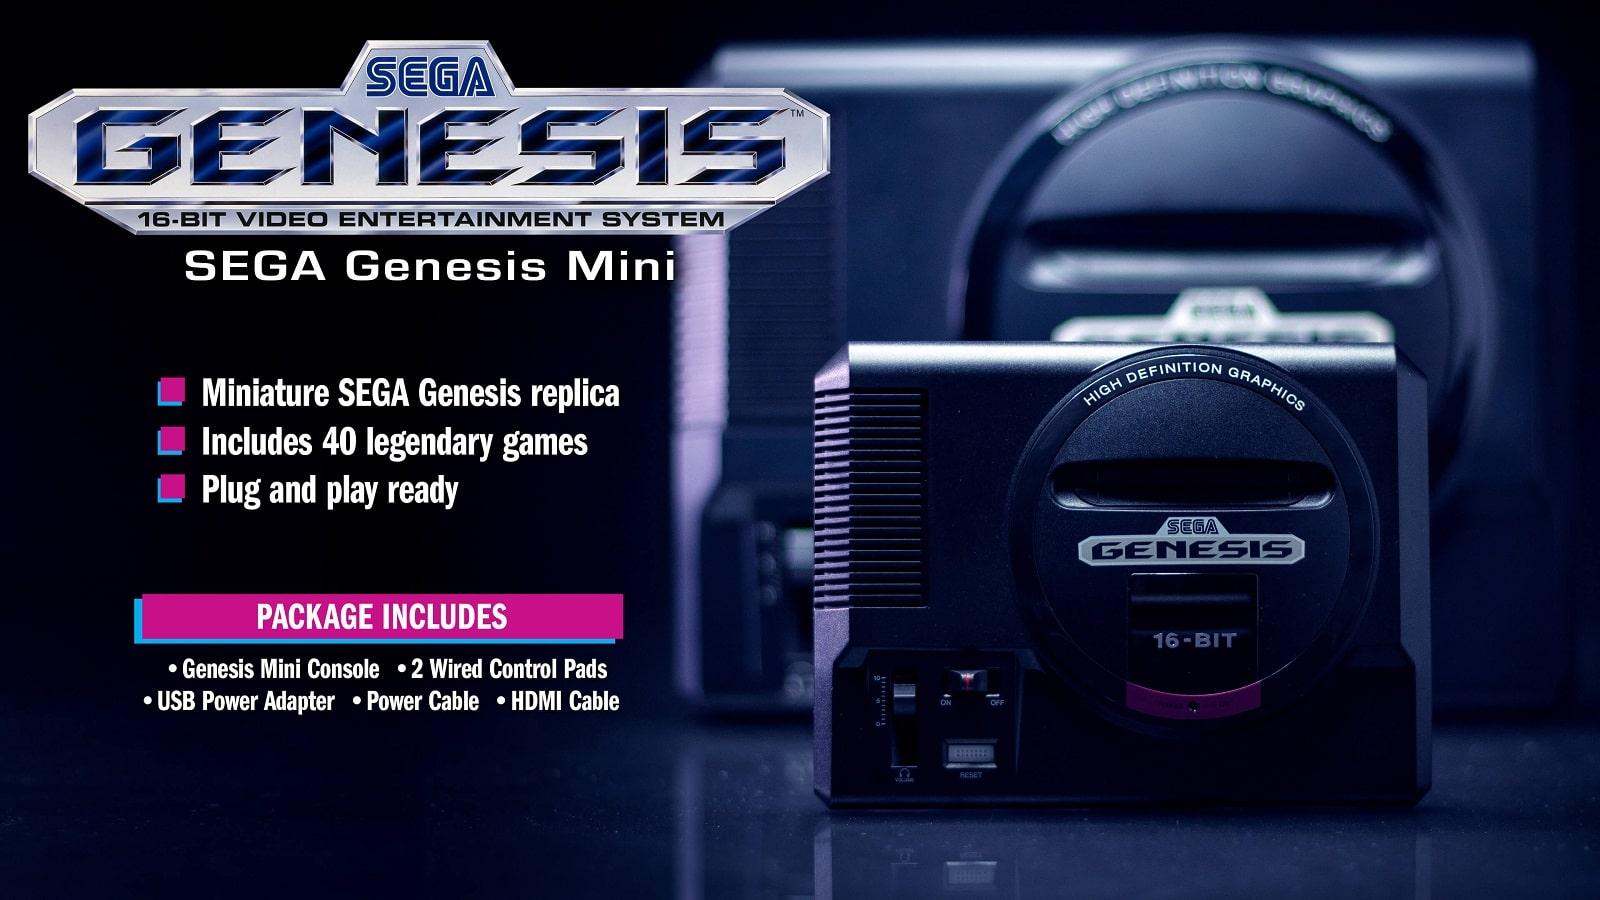 sega genesis mini main image